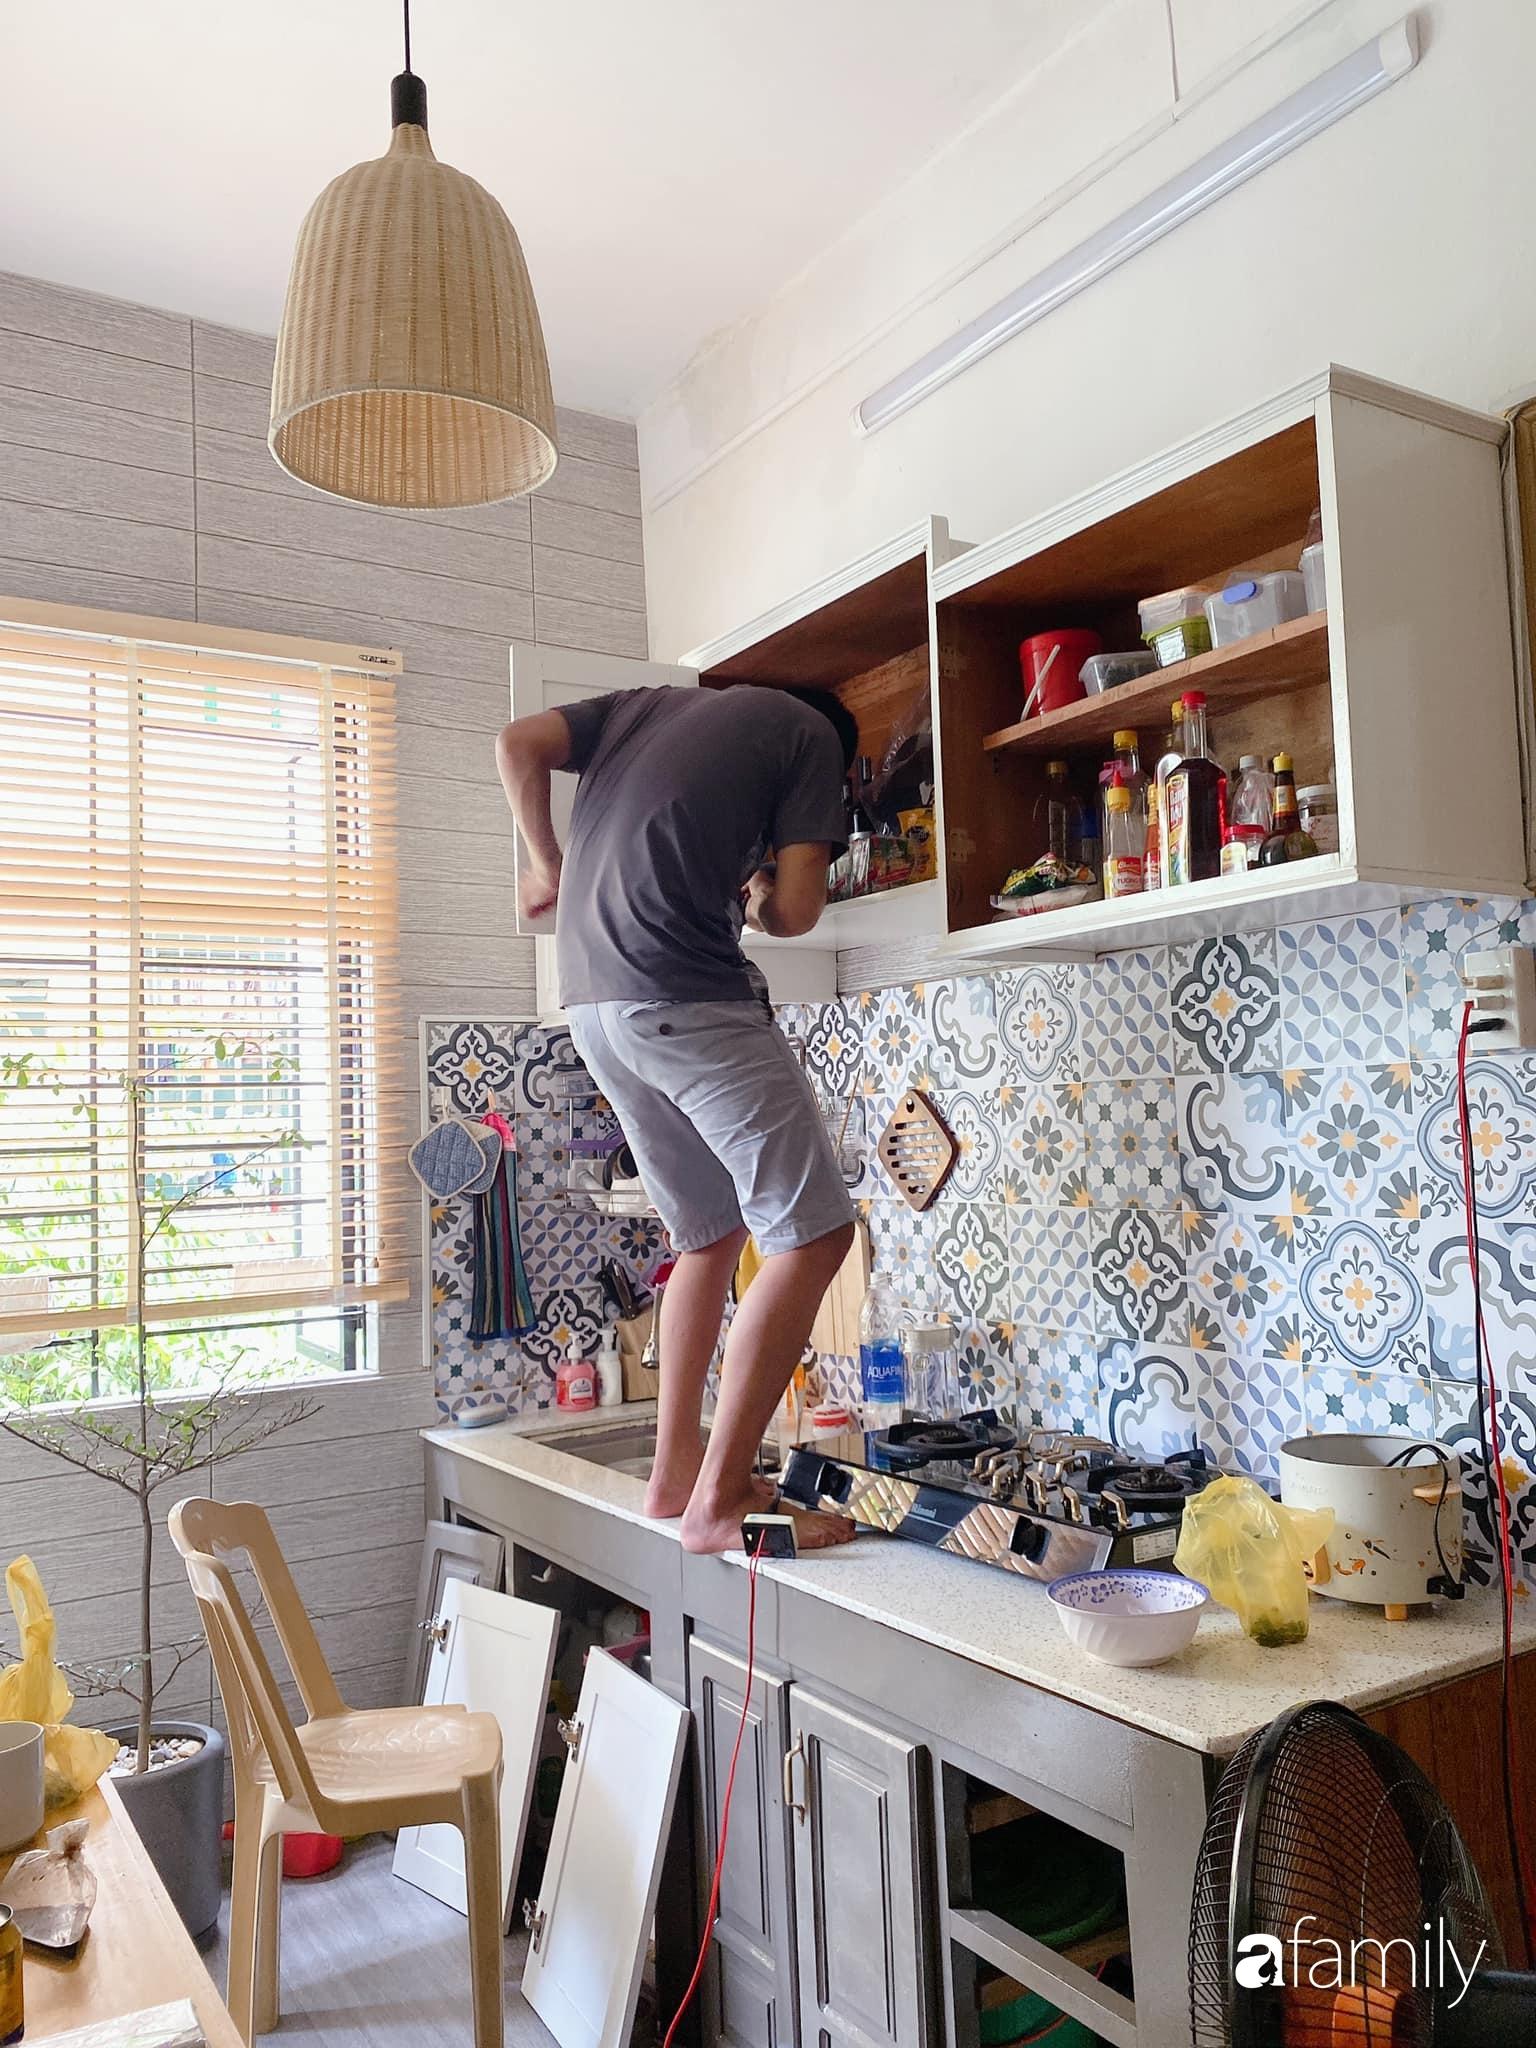 """Anh chồng chiều vợ """"thay áo mới"""" cho căn bếp cũ 6m² trở thành không gian đẹp miễn chê với chi phí chưa đến 3 triệu đồng ở Đà Nẵng - Ảnh 4."""